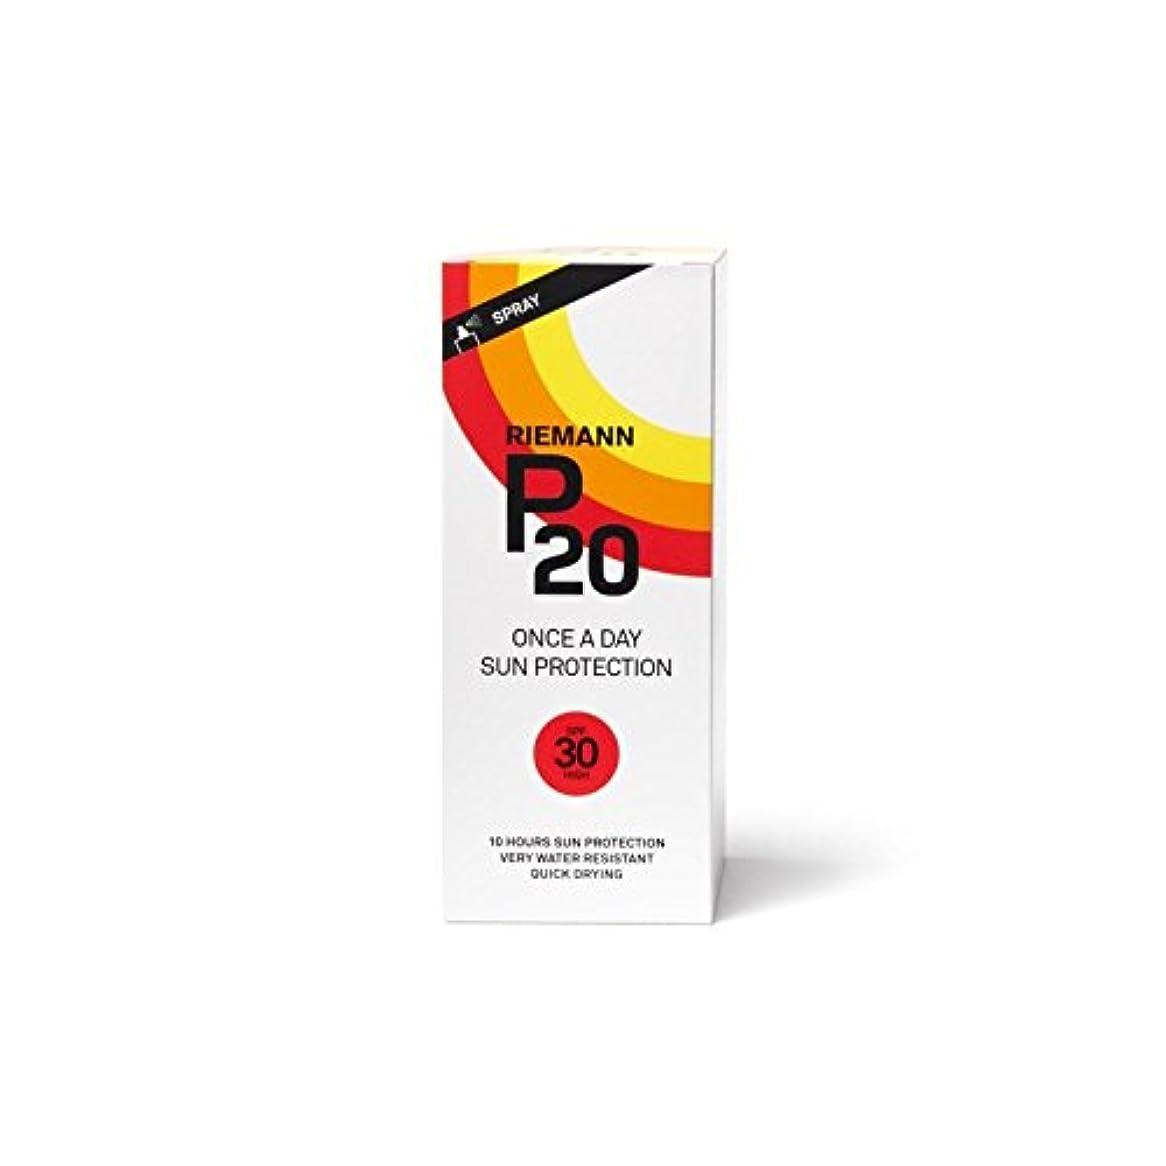 安心させるフェザー阻害するRiemann P20 Sun Filter 200ml SPF30 - リーマン20のサンフィルター200ミリリットル30 [並行輸入品]